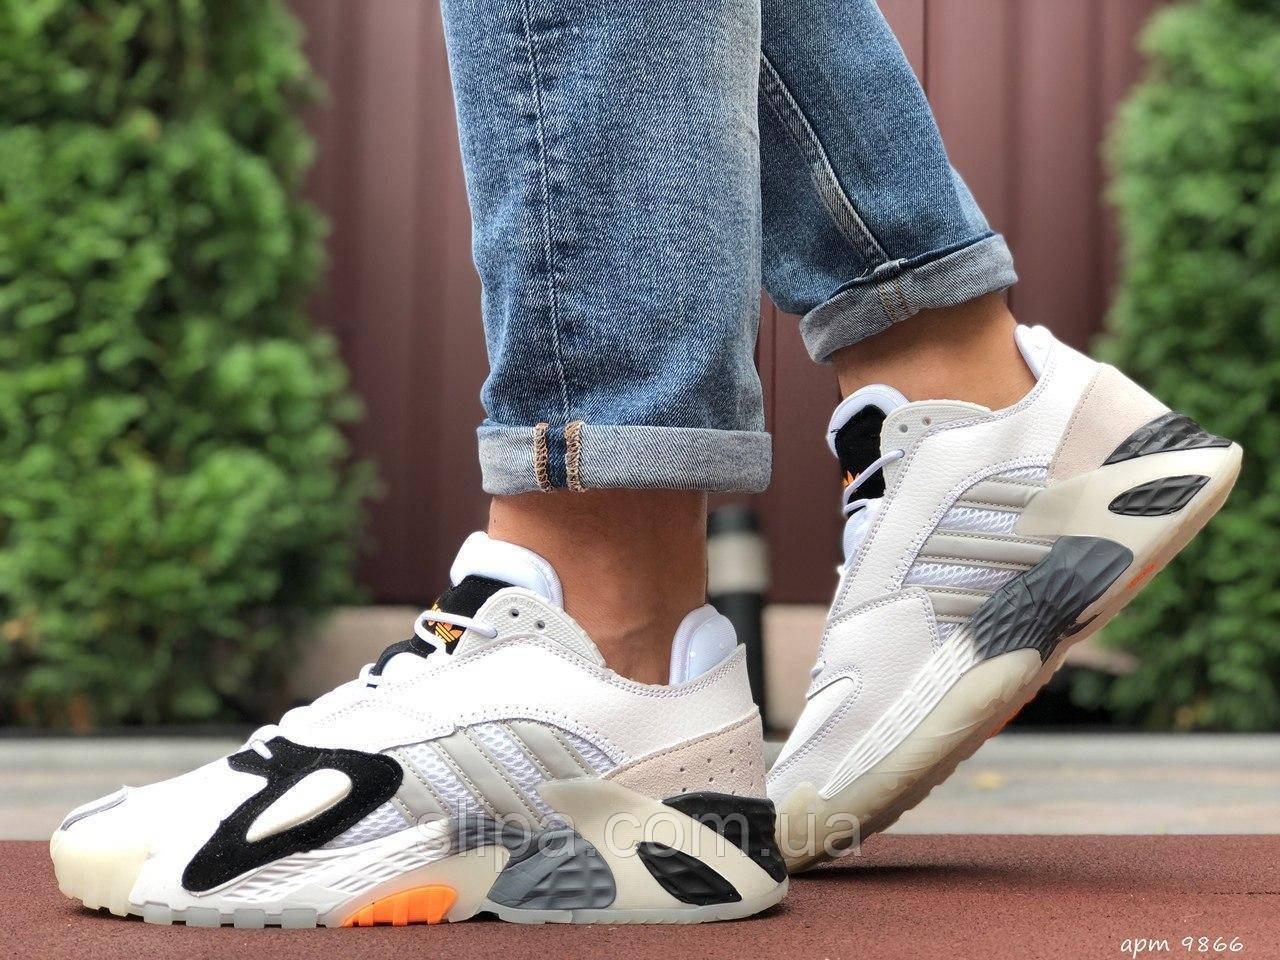 Чоловічі кросівки Adidas Streetball білі 46 розмір